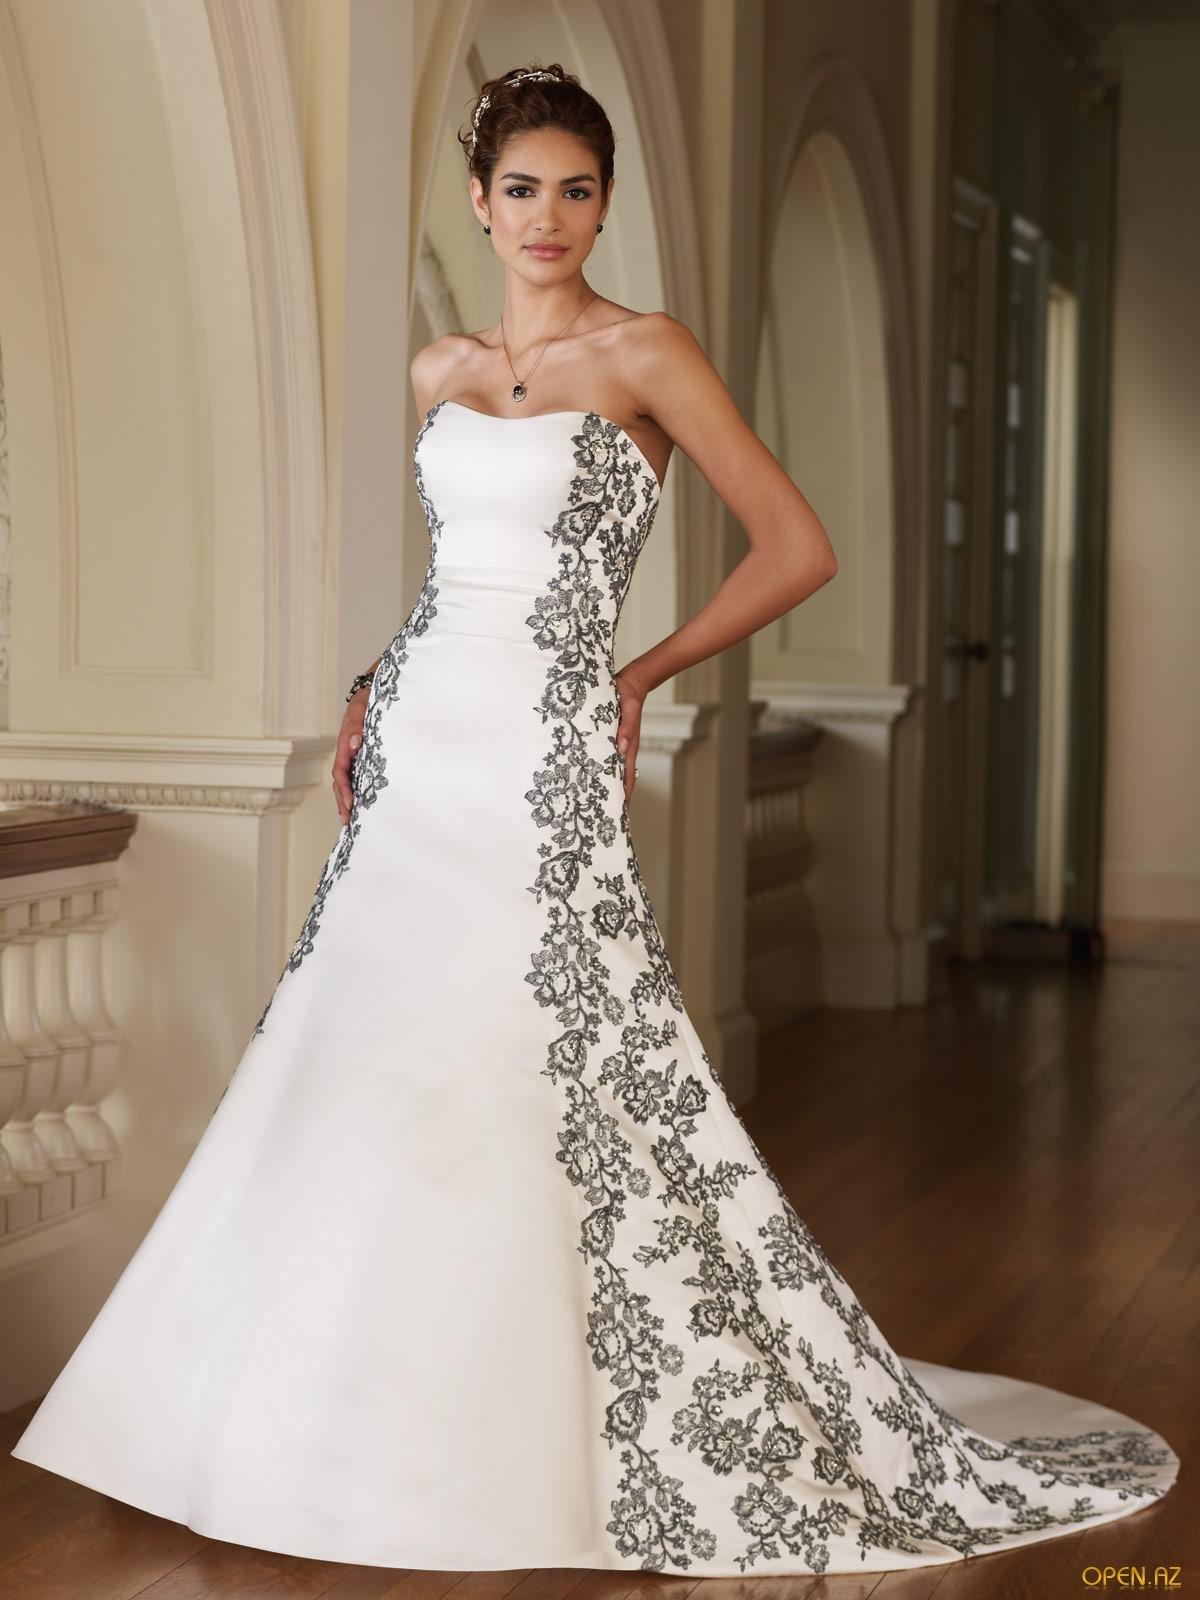 посмотреть фото платьев на свадьбу это натуральный материал